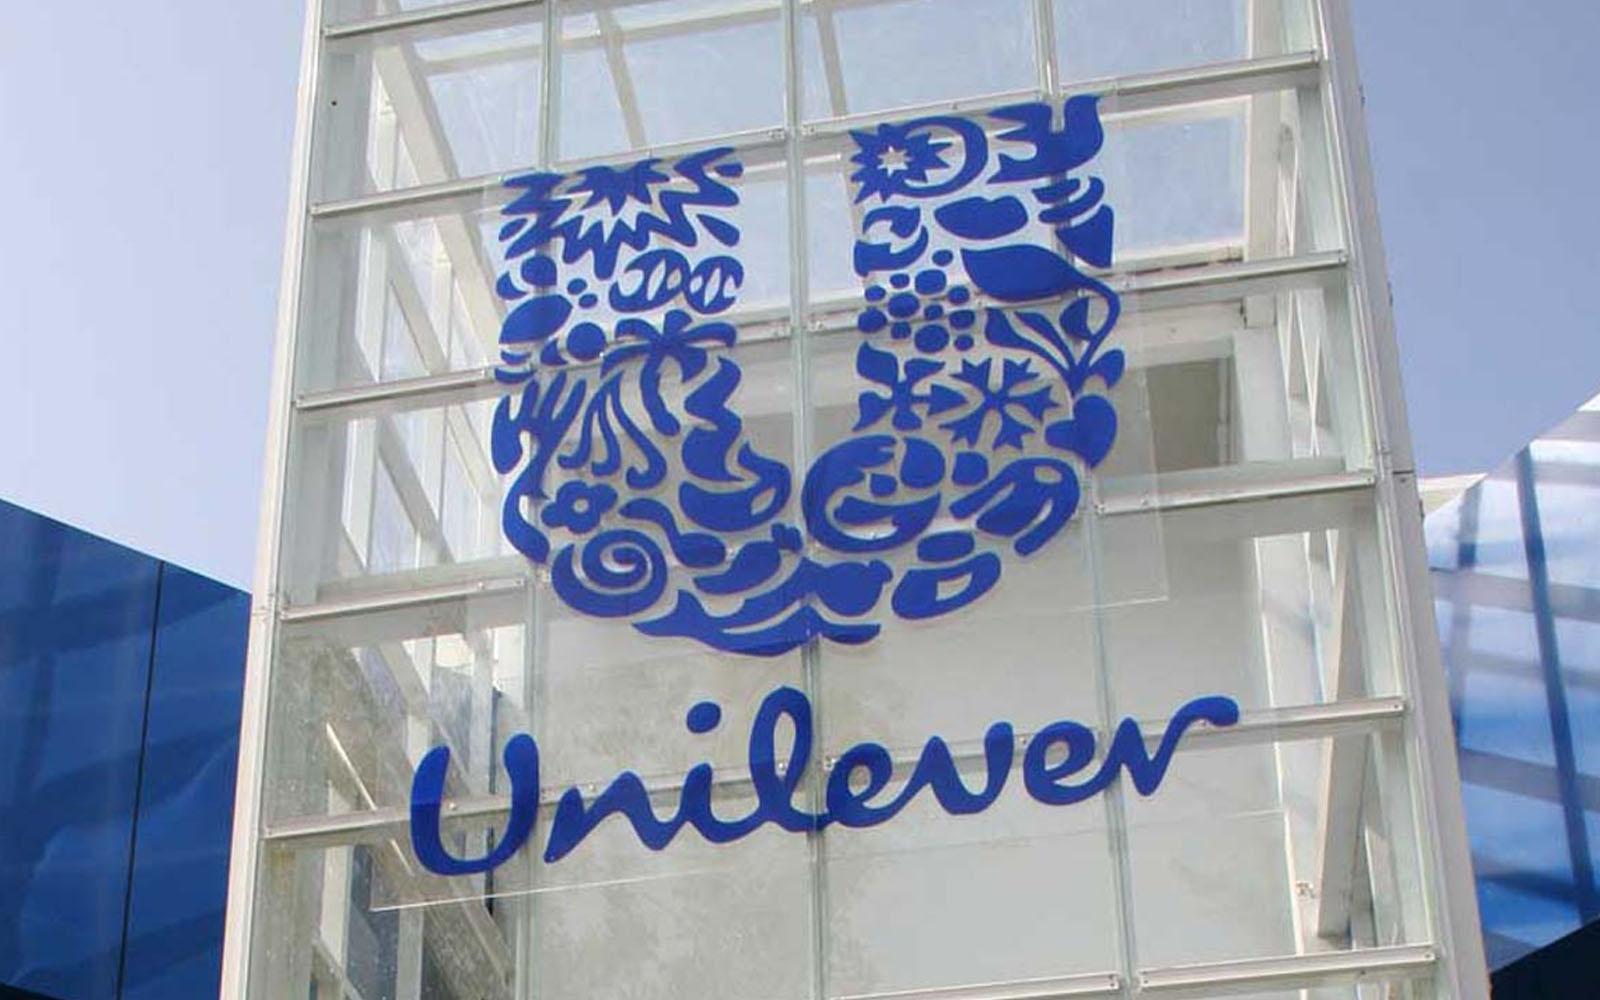 Unilever Nigeria Plc revenue drops by 20.6% in Q1 2019